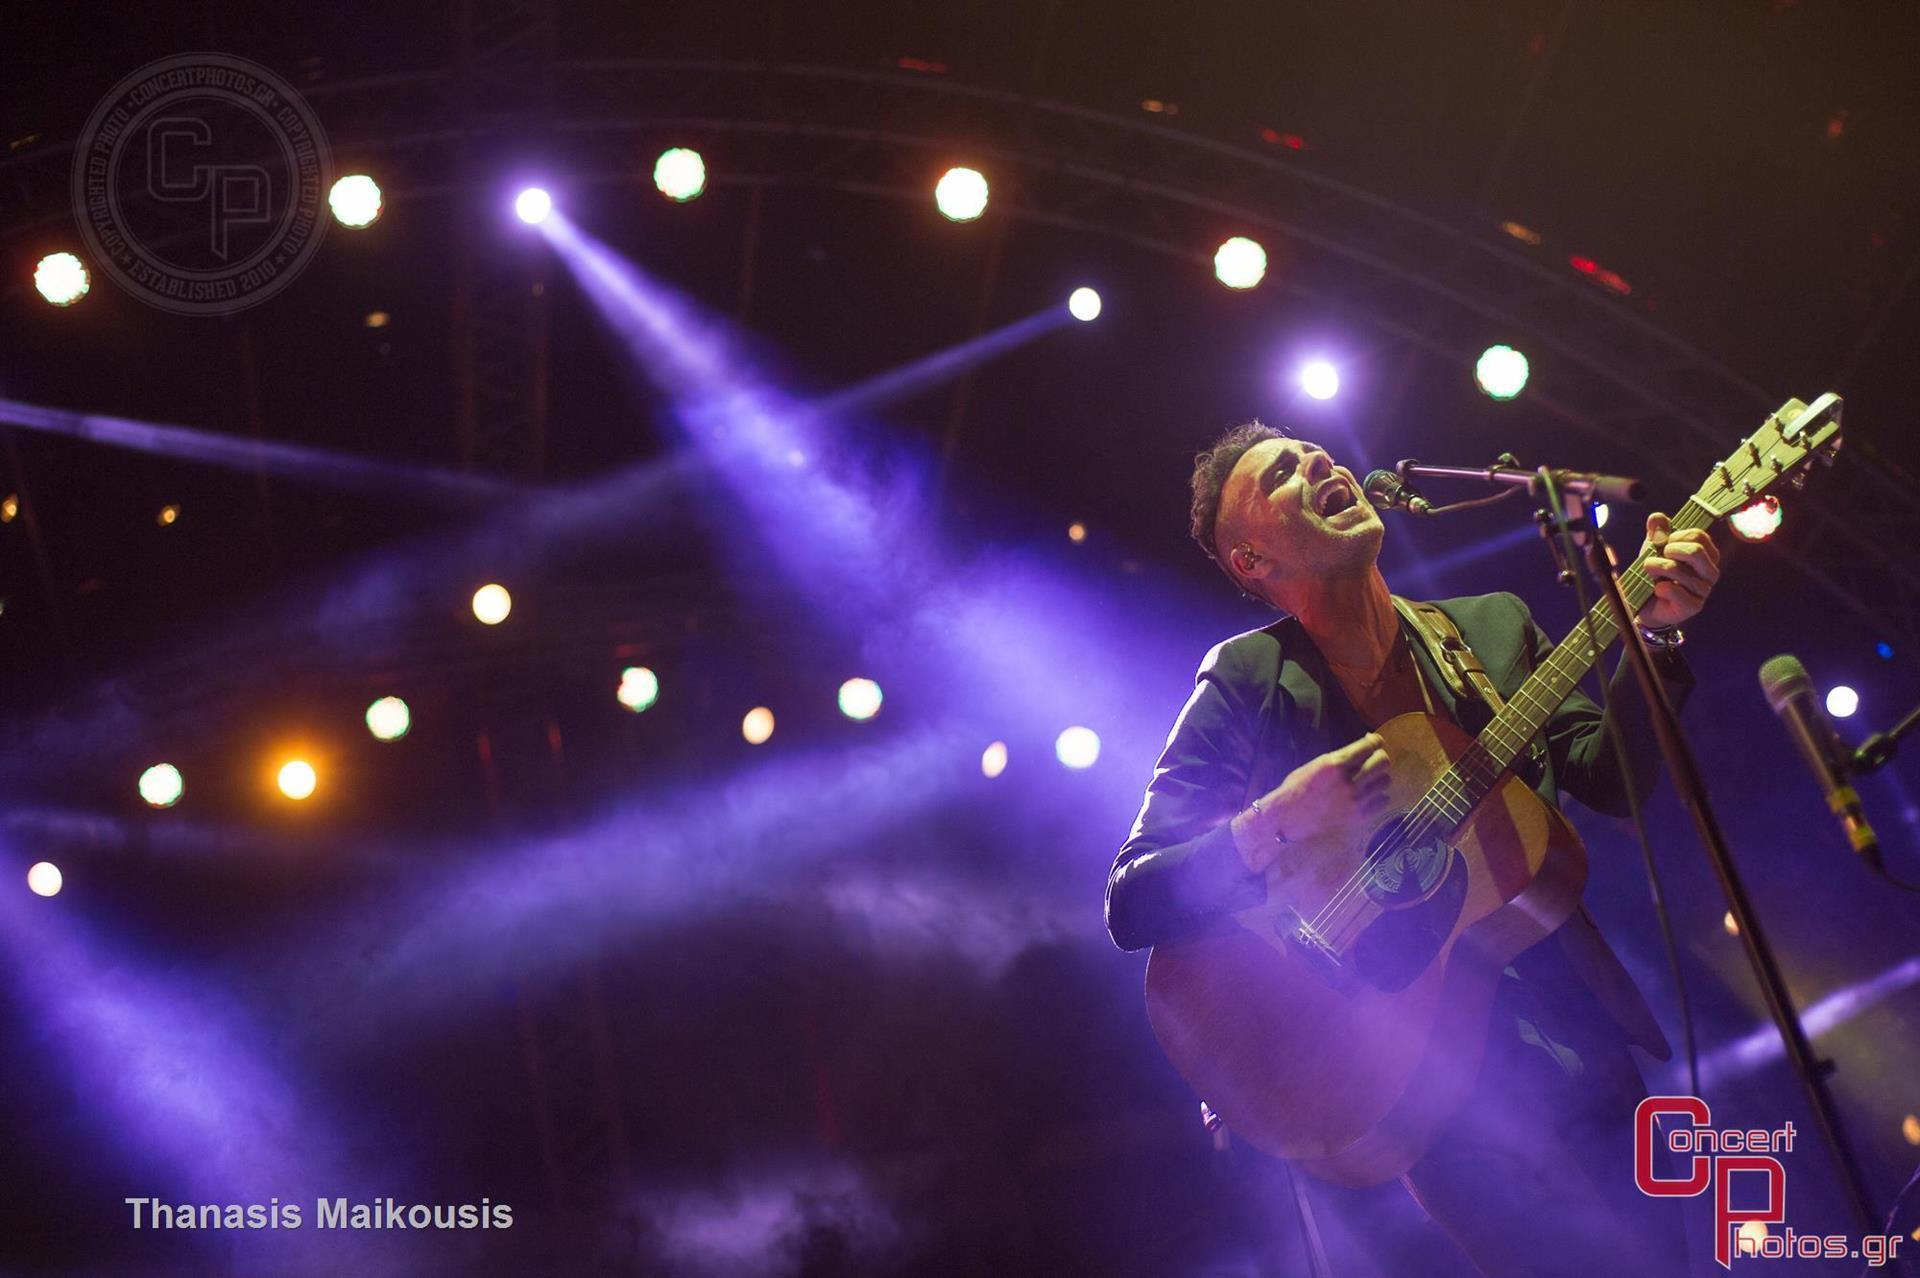 Asaf Avidan-Asaf Avidan photographer: Thanasis Maikousis - ConcertPhotos - 20150624_2109_57